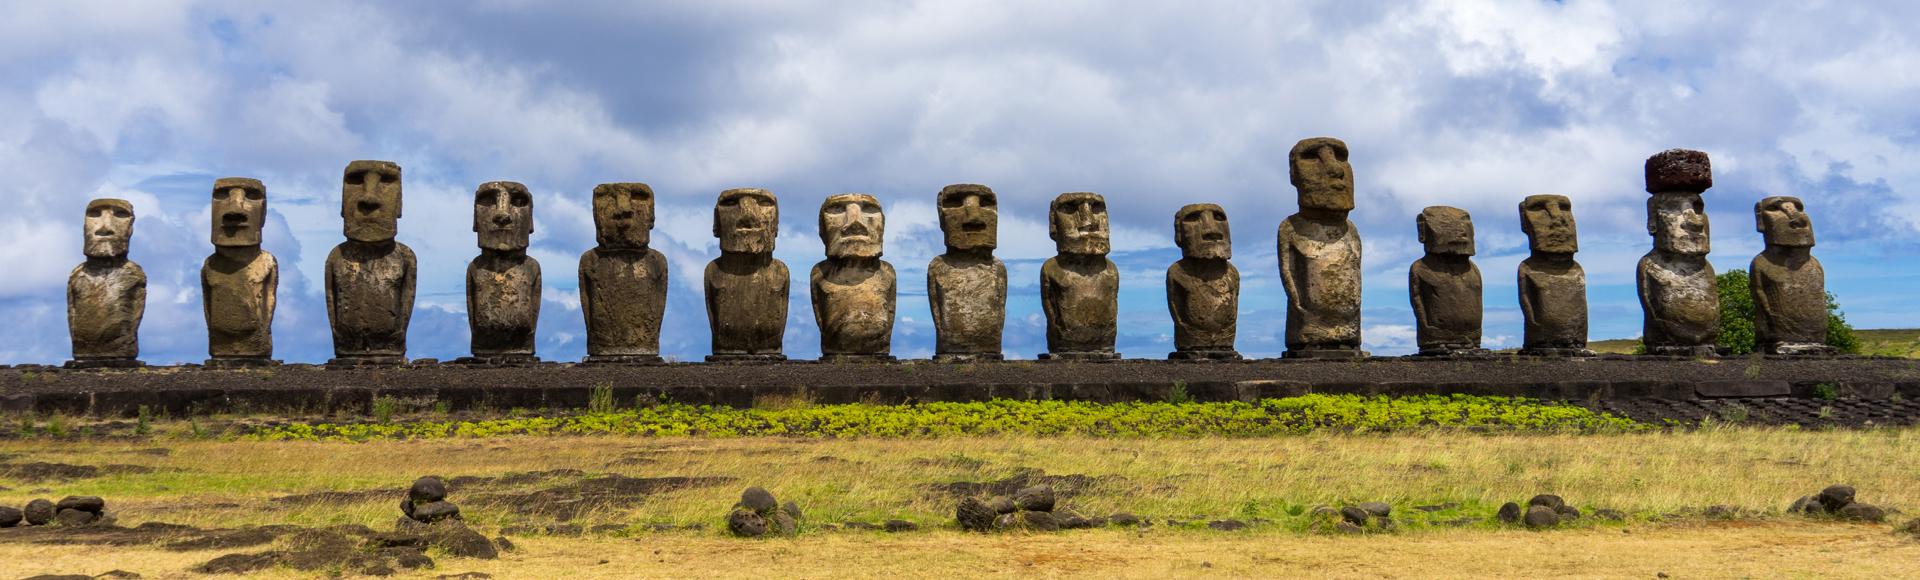 Moais, Rapa Nui (Easter Island)